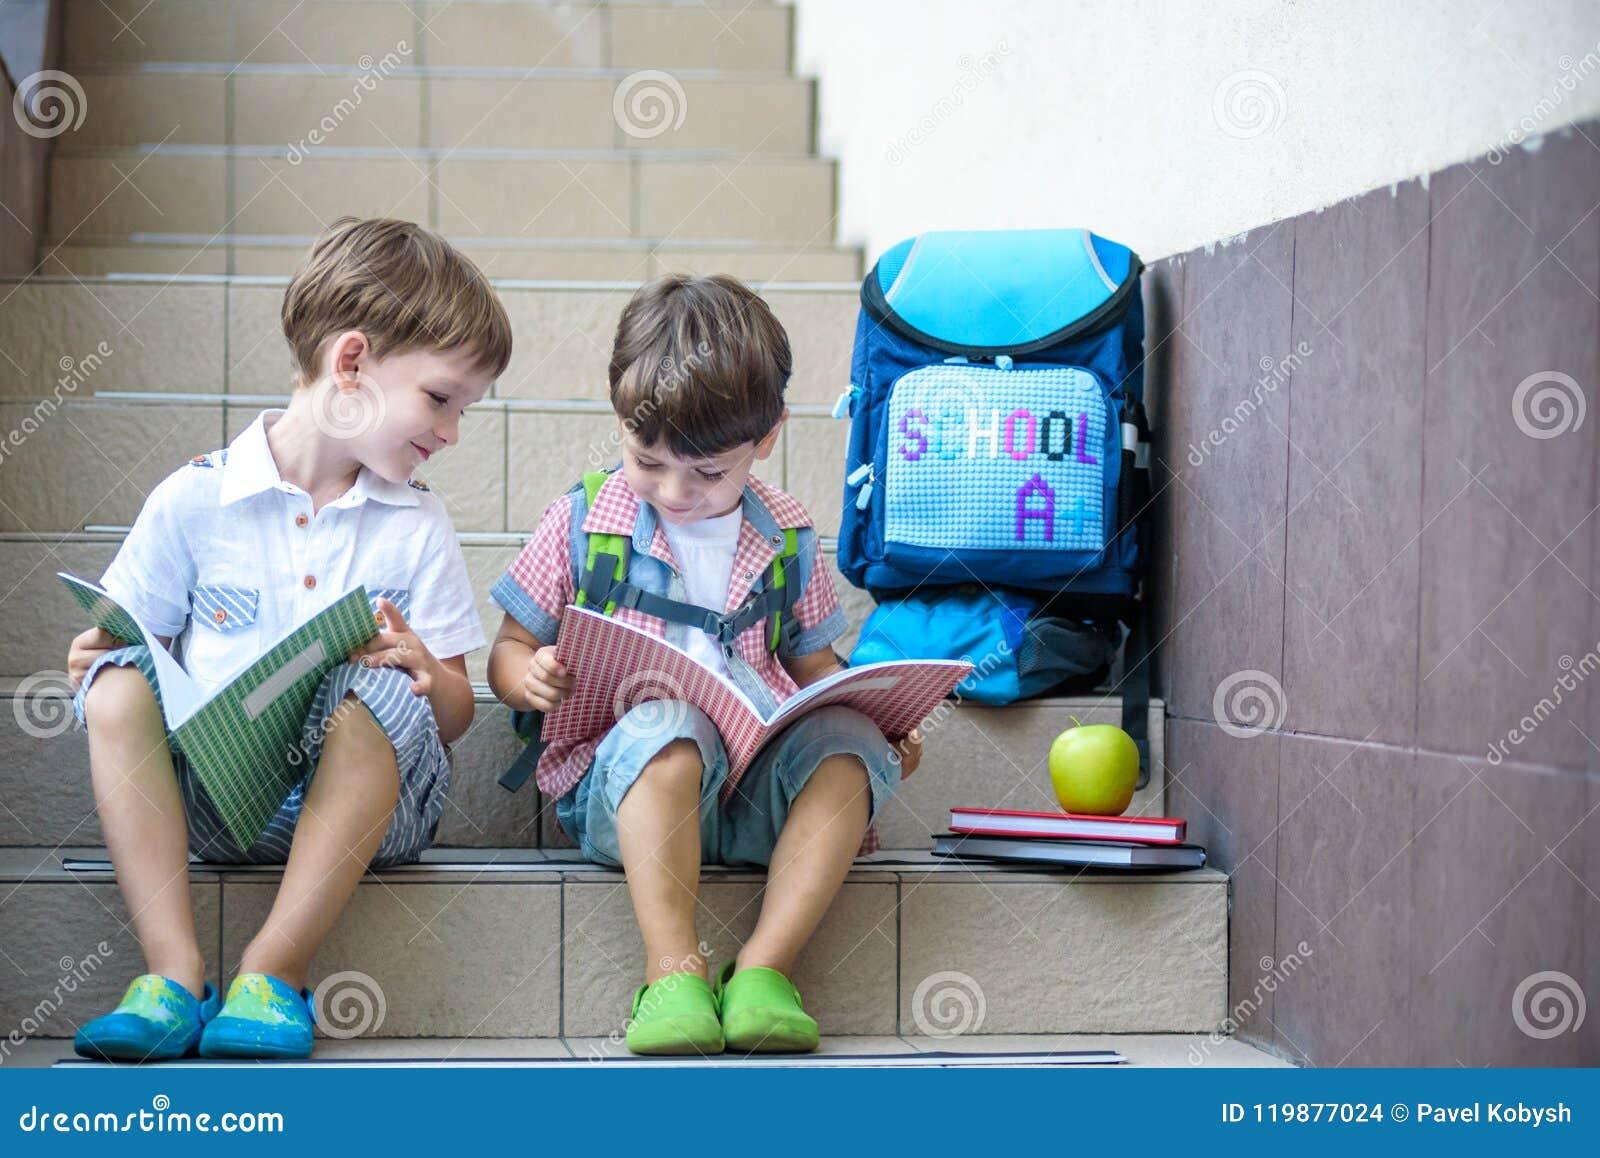 Τα παιδιά πηγαίνουν πίσω στο σχολείο Έναρξη του νέου σχολικού έτους μετά από τις θερινές διακοπές Δύο φίλοι αγοριών με το σακίδιο